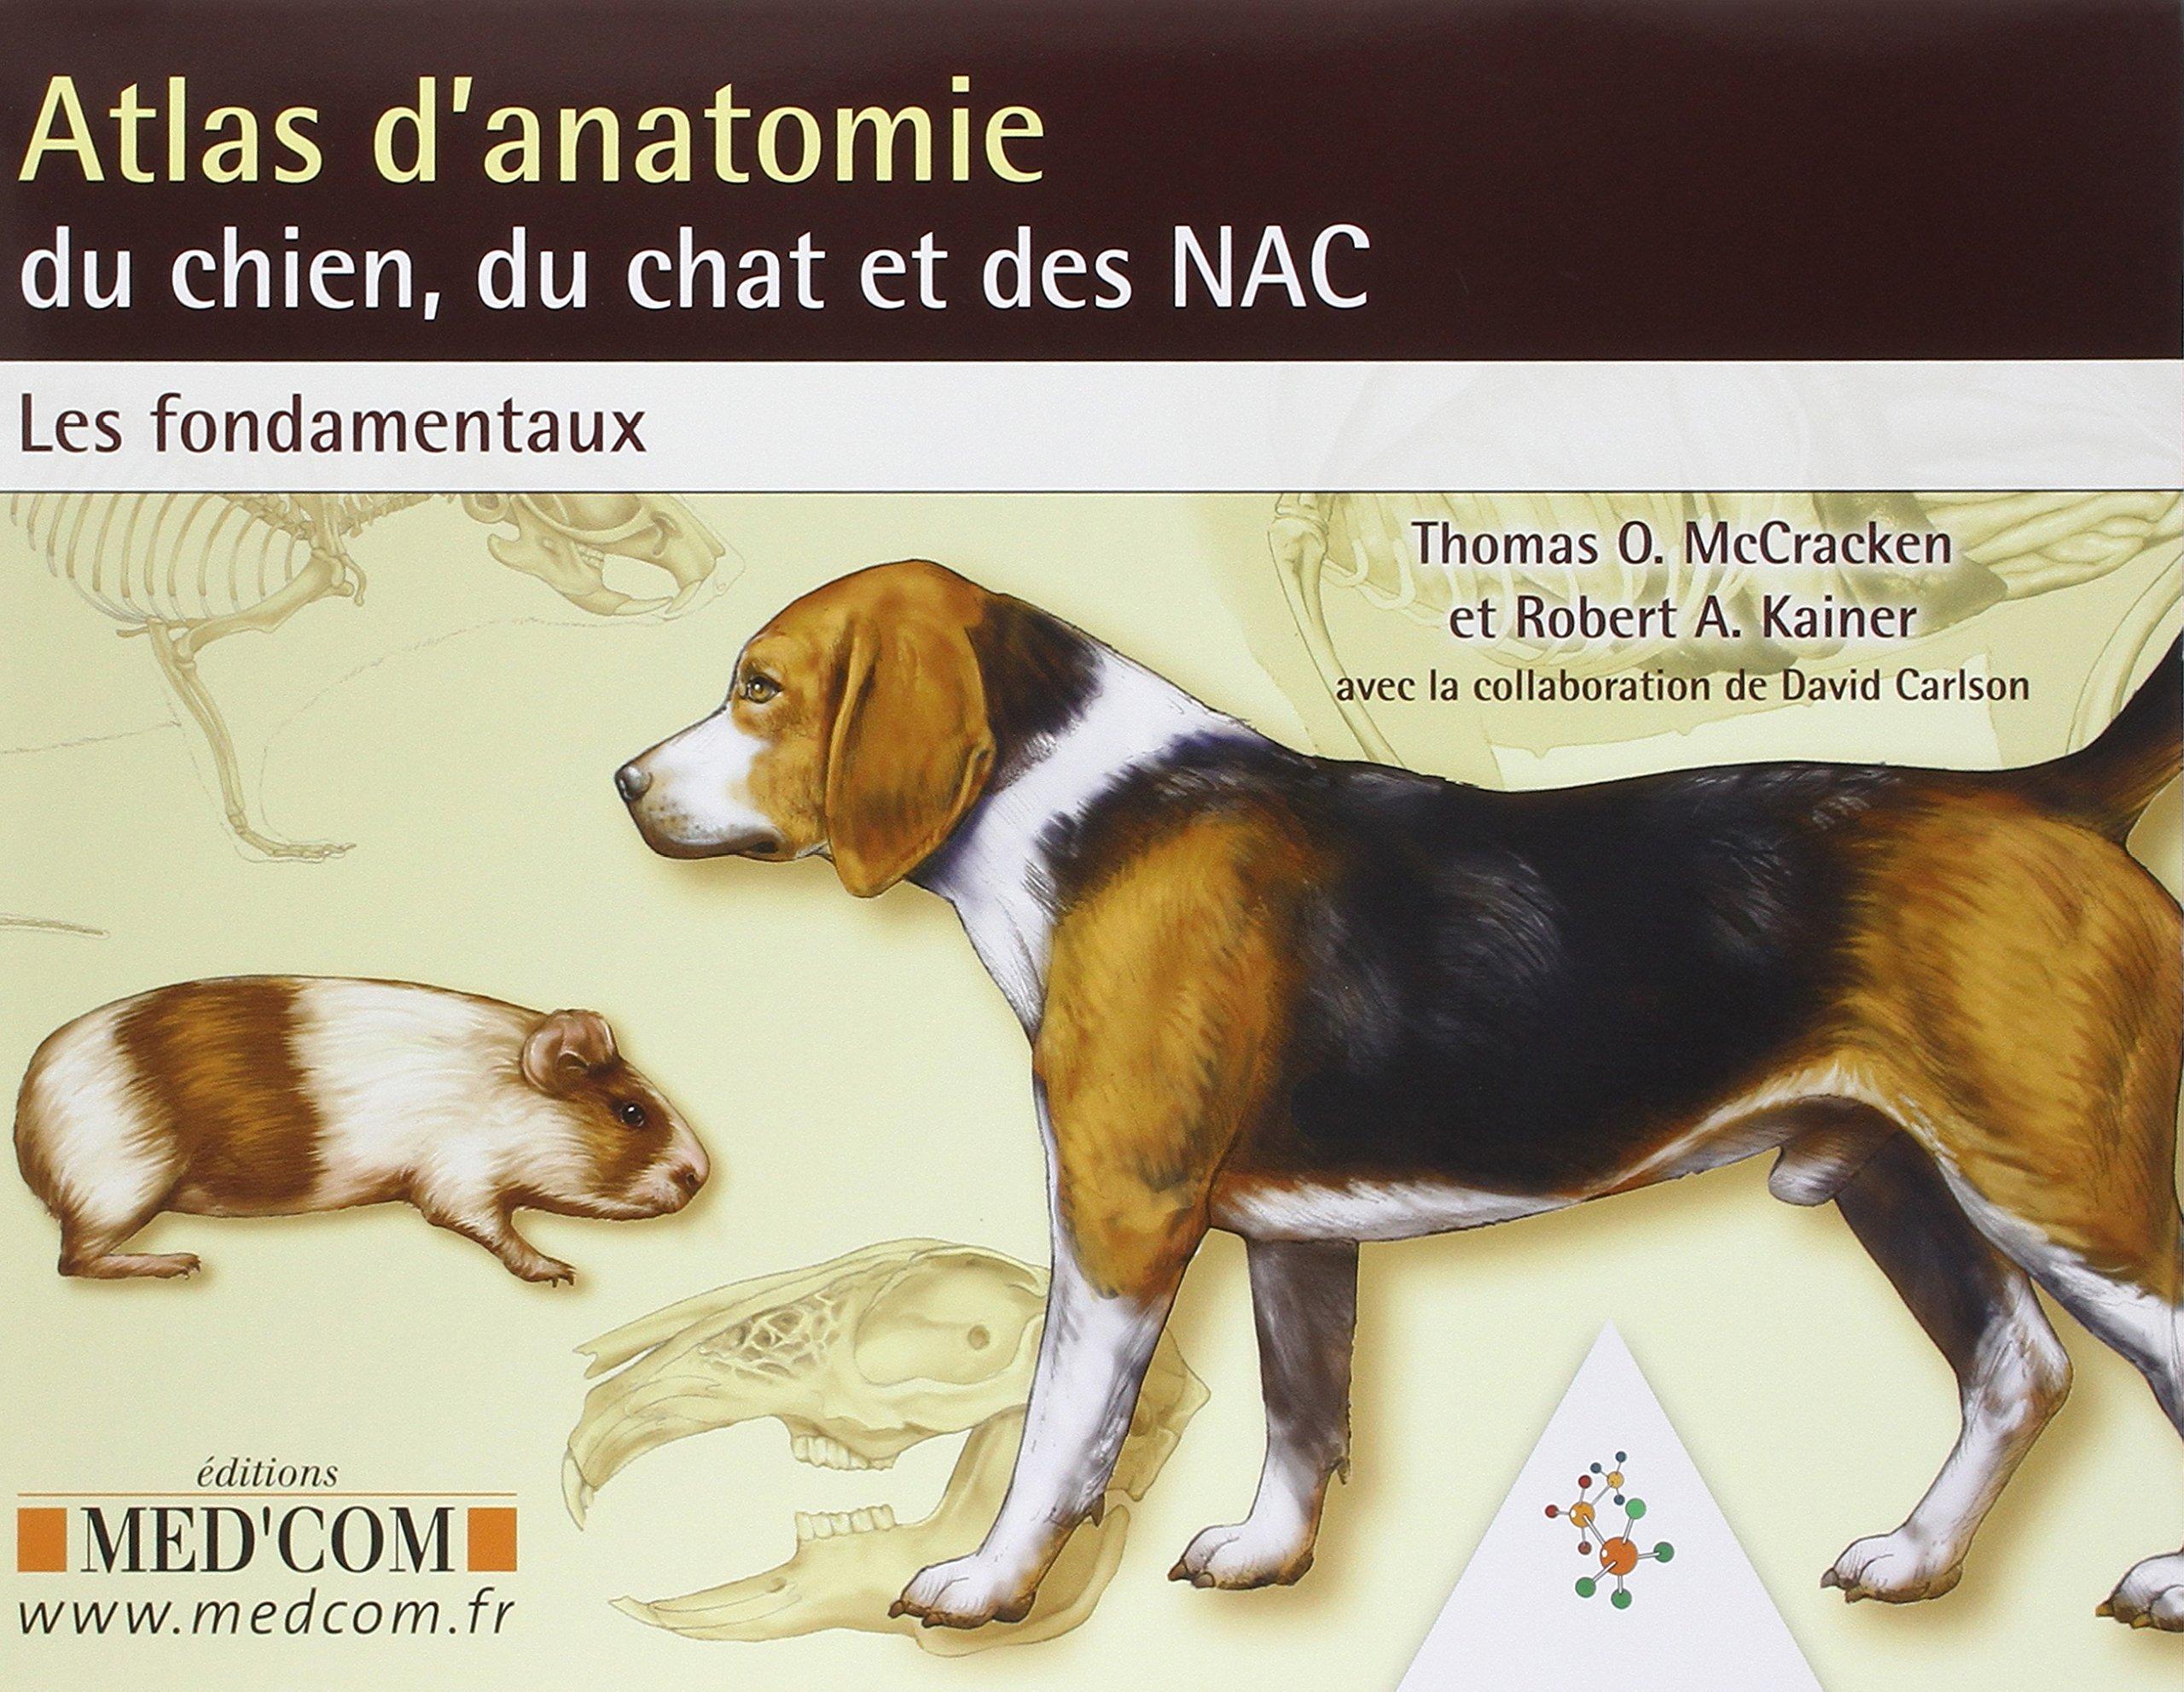 Homme Chat Rat Salle De Bain ~ amazon fr atlas d anatomie du chien du chat et des nac les